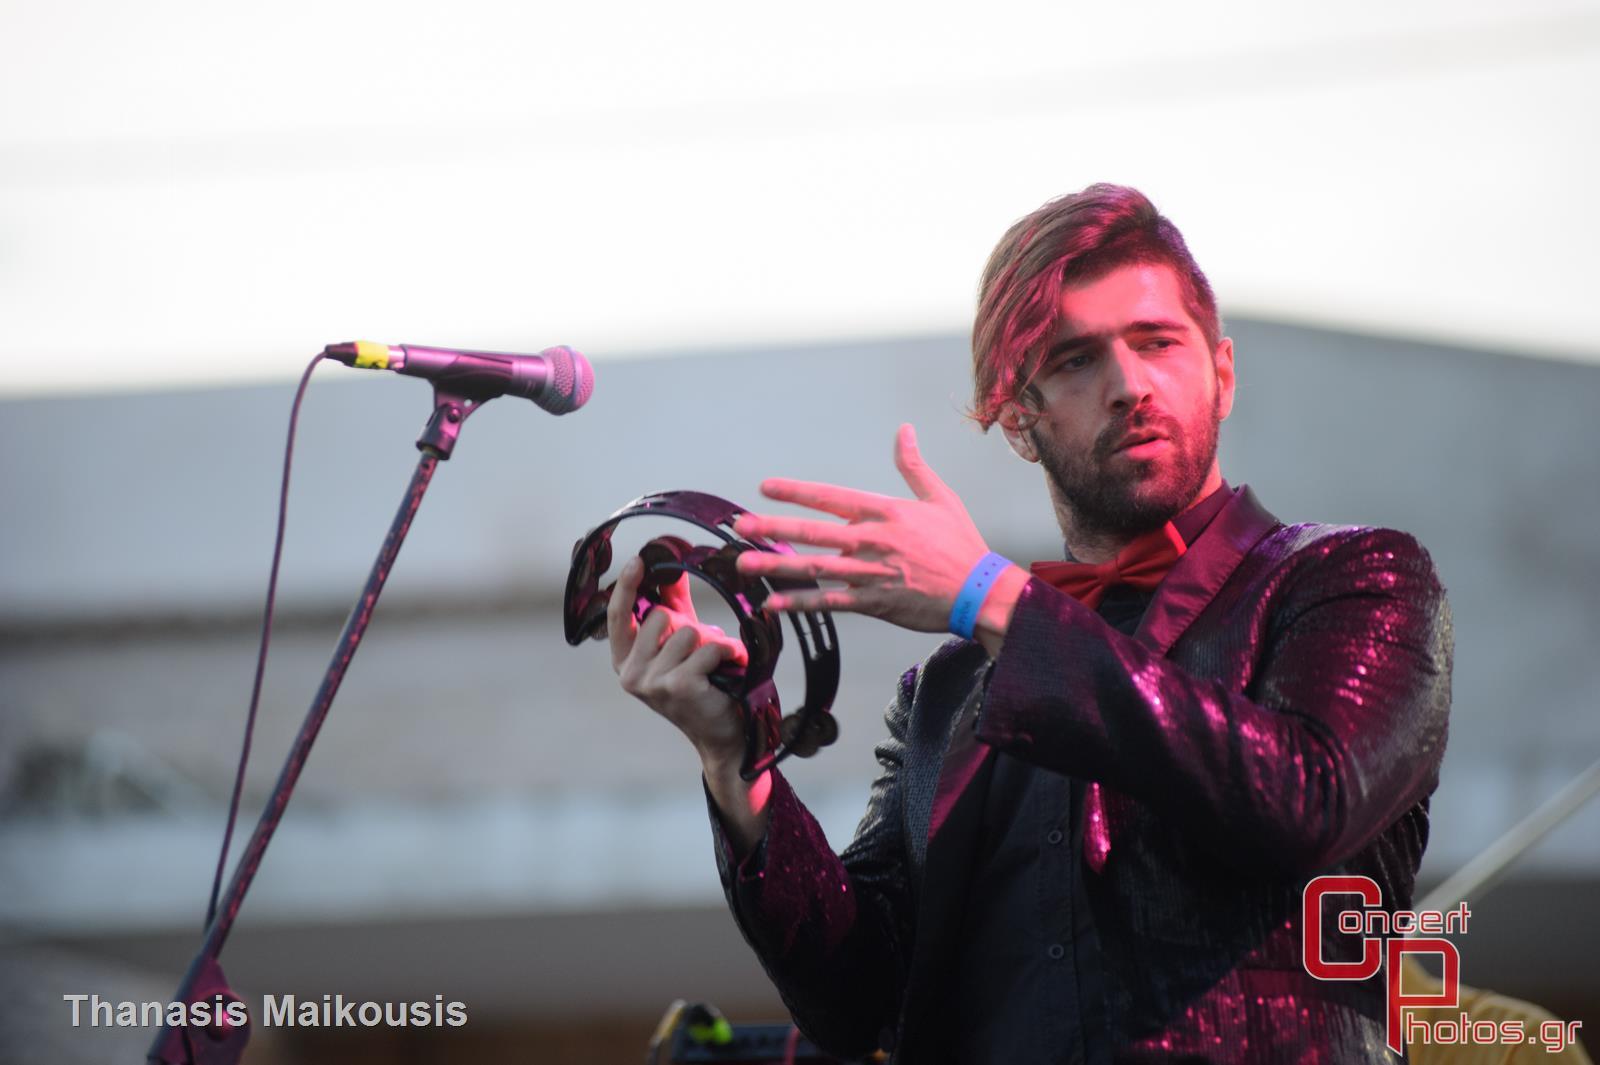 En Lefko 2014-En Lefko 2014 photographer: Thanasis Maikousis - concertphotos_20140620_20_29_37